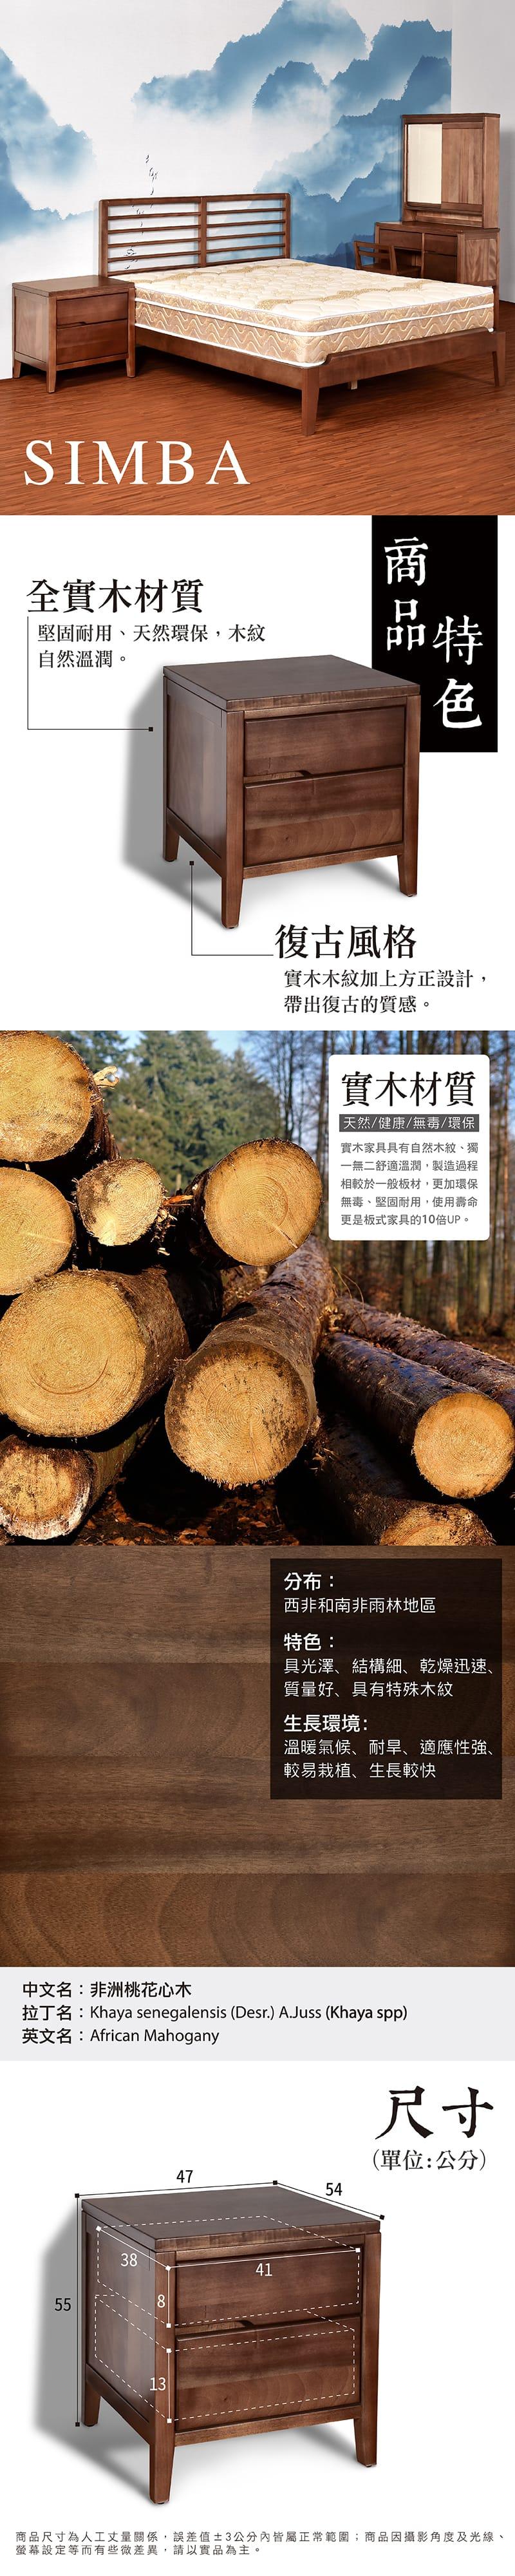 實木收納置物床頭櫃 寬47cm【石橋】